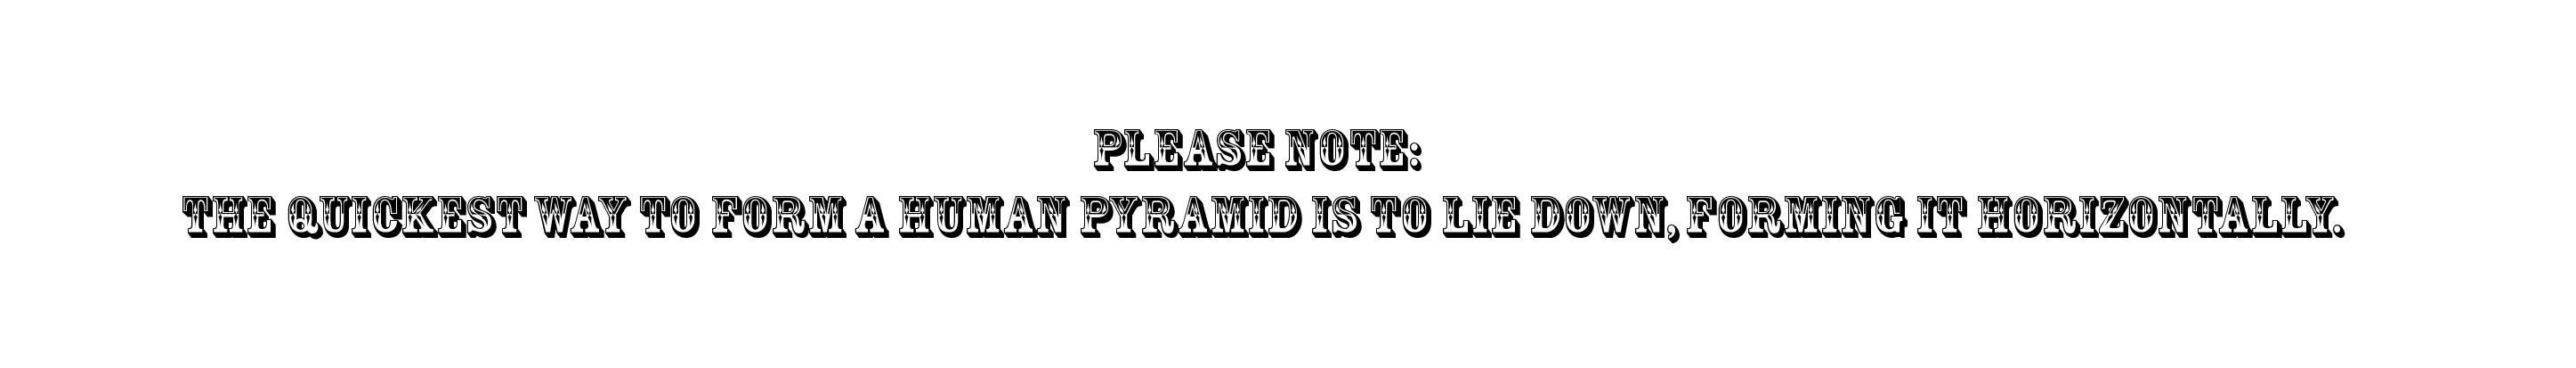 http://www.notfoundyet.net/files/gimgs/41_please-note.jpg